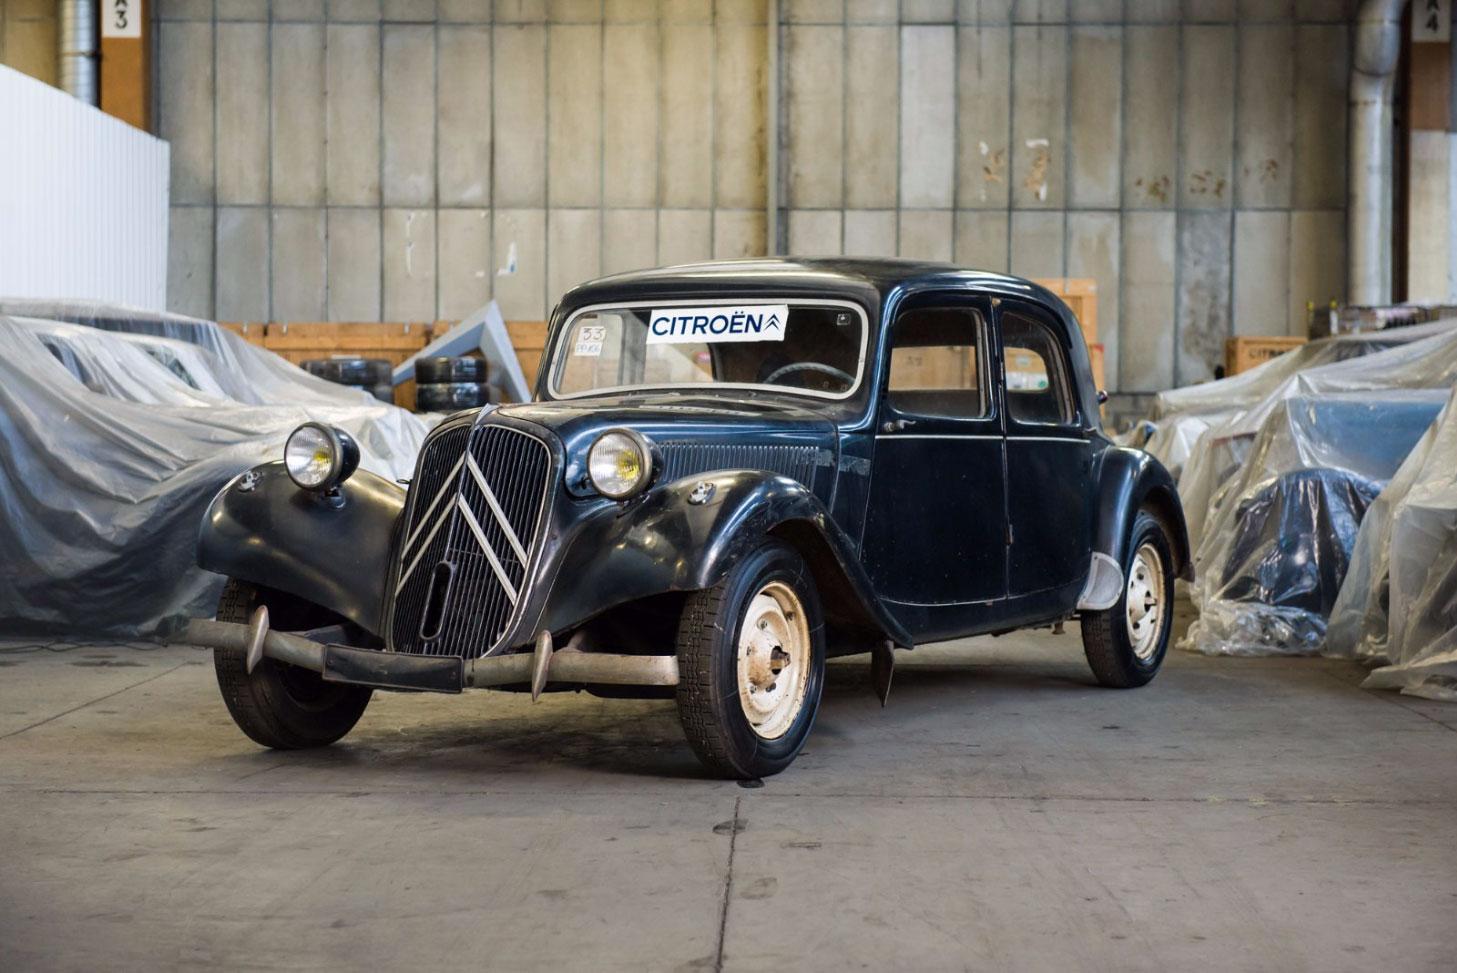 1953 Citroën Traction Avant 11